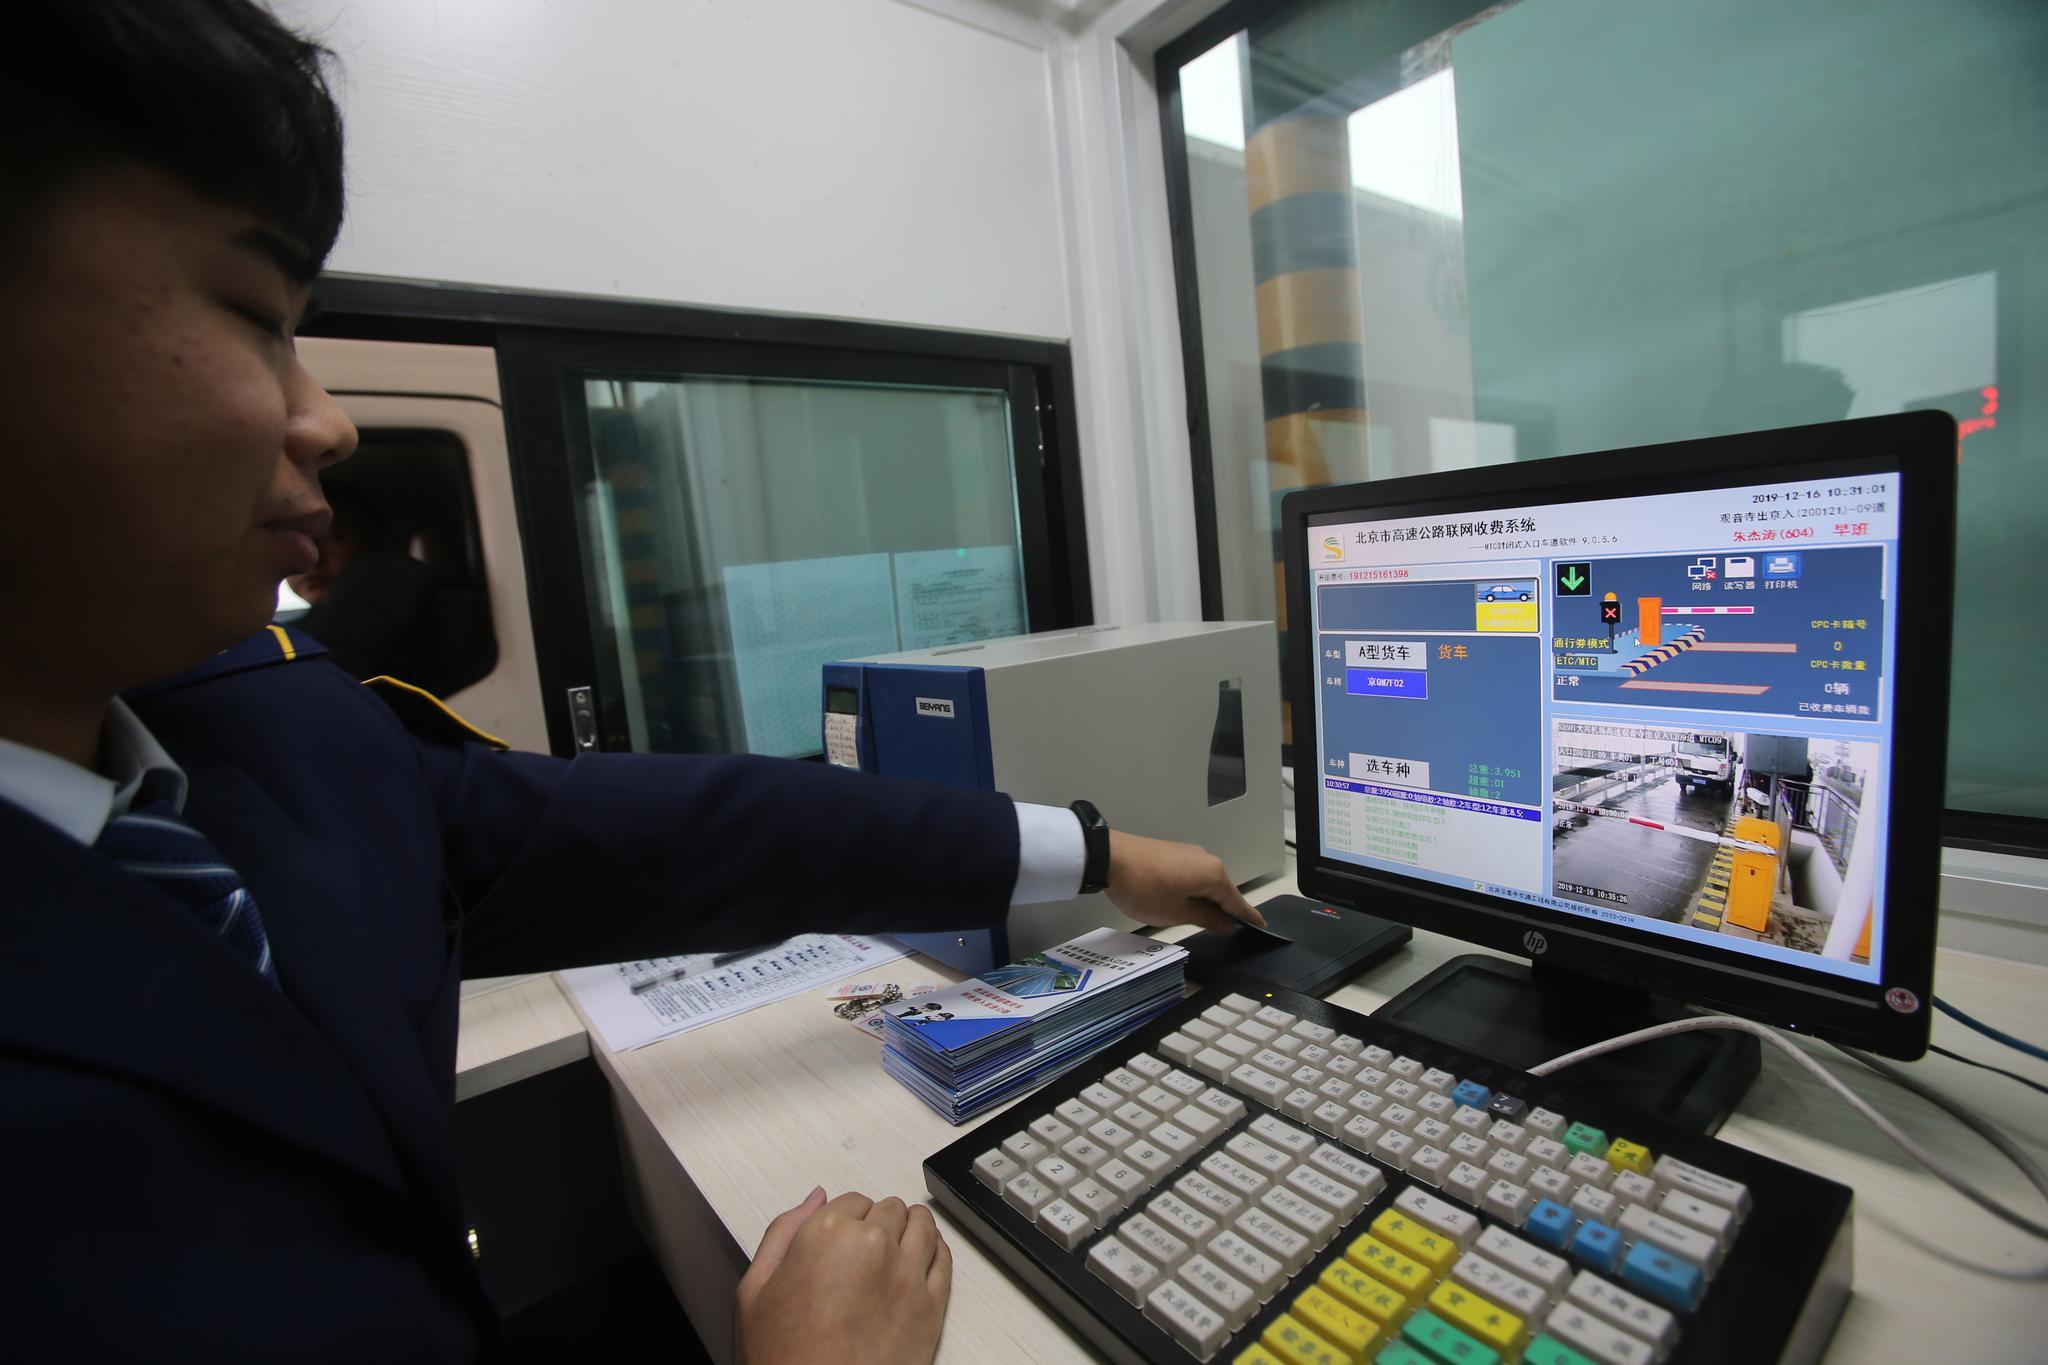 工作人員在收費崗亭內就可以檢測到通行貨車是否超載。攝影/新京報記者 王貴彬